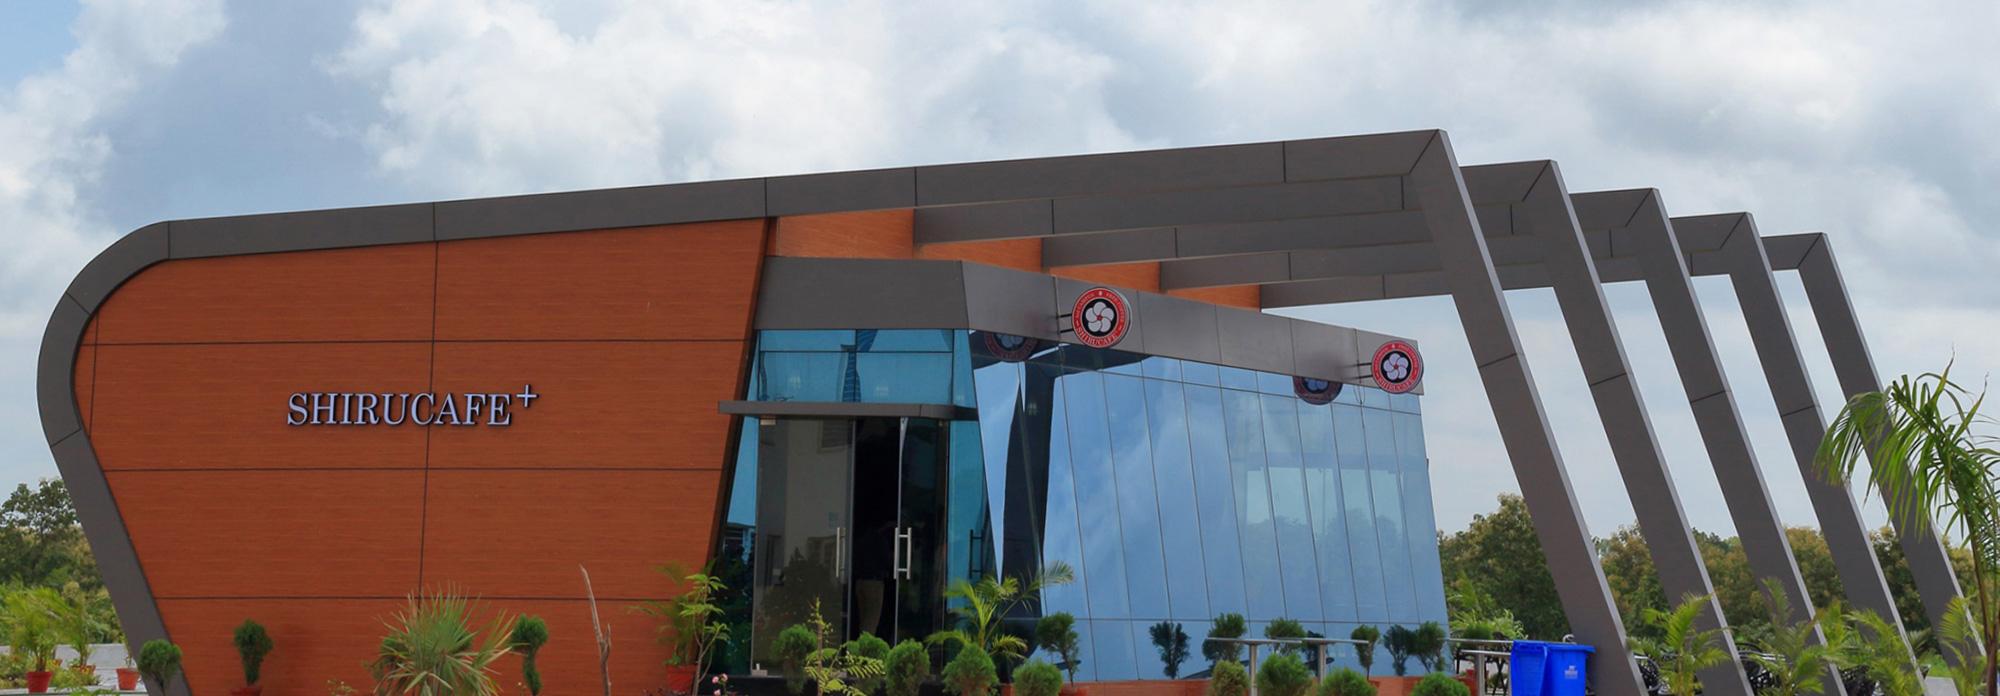 インド工科大学 インドール店